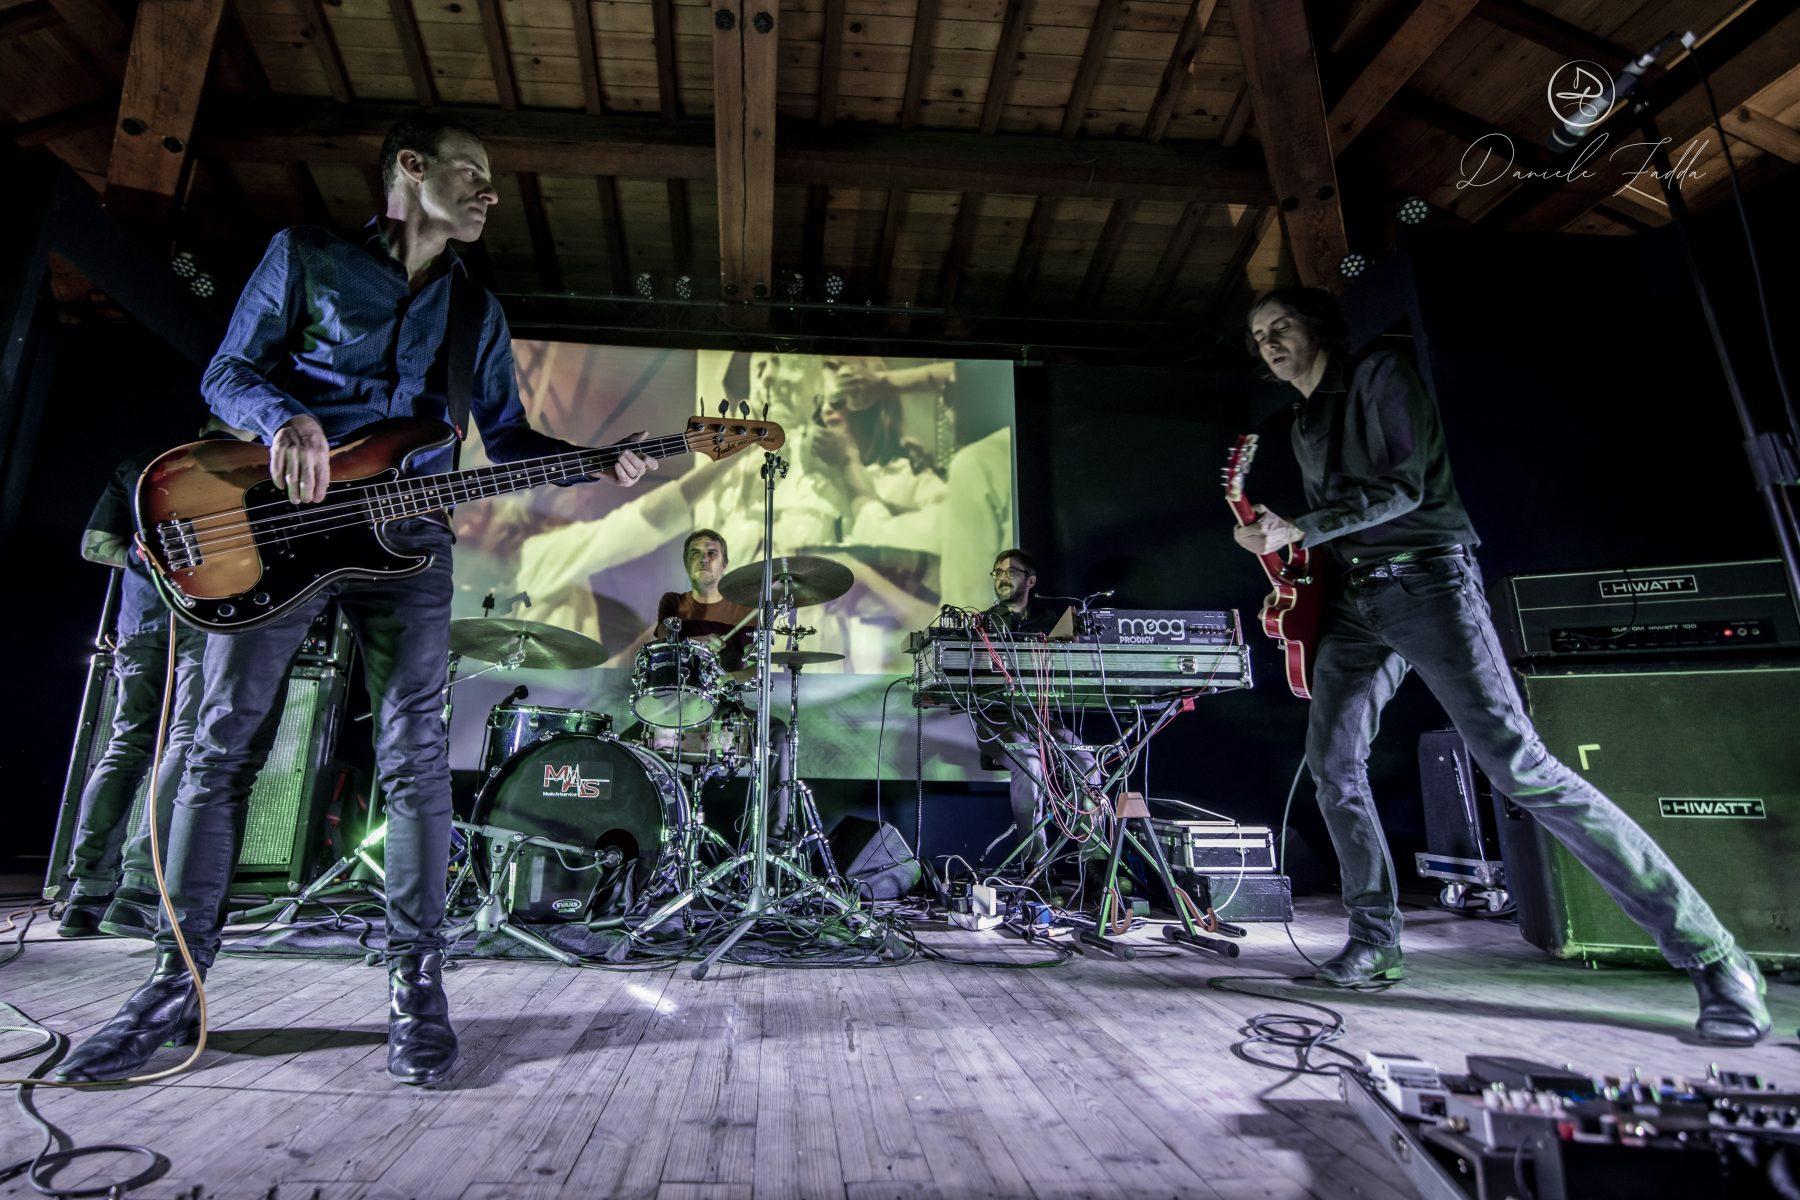 kme - live report - julie's haircut - daniele fadda - sa scena sarda - 2019 - karel music expo